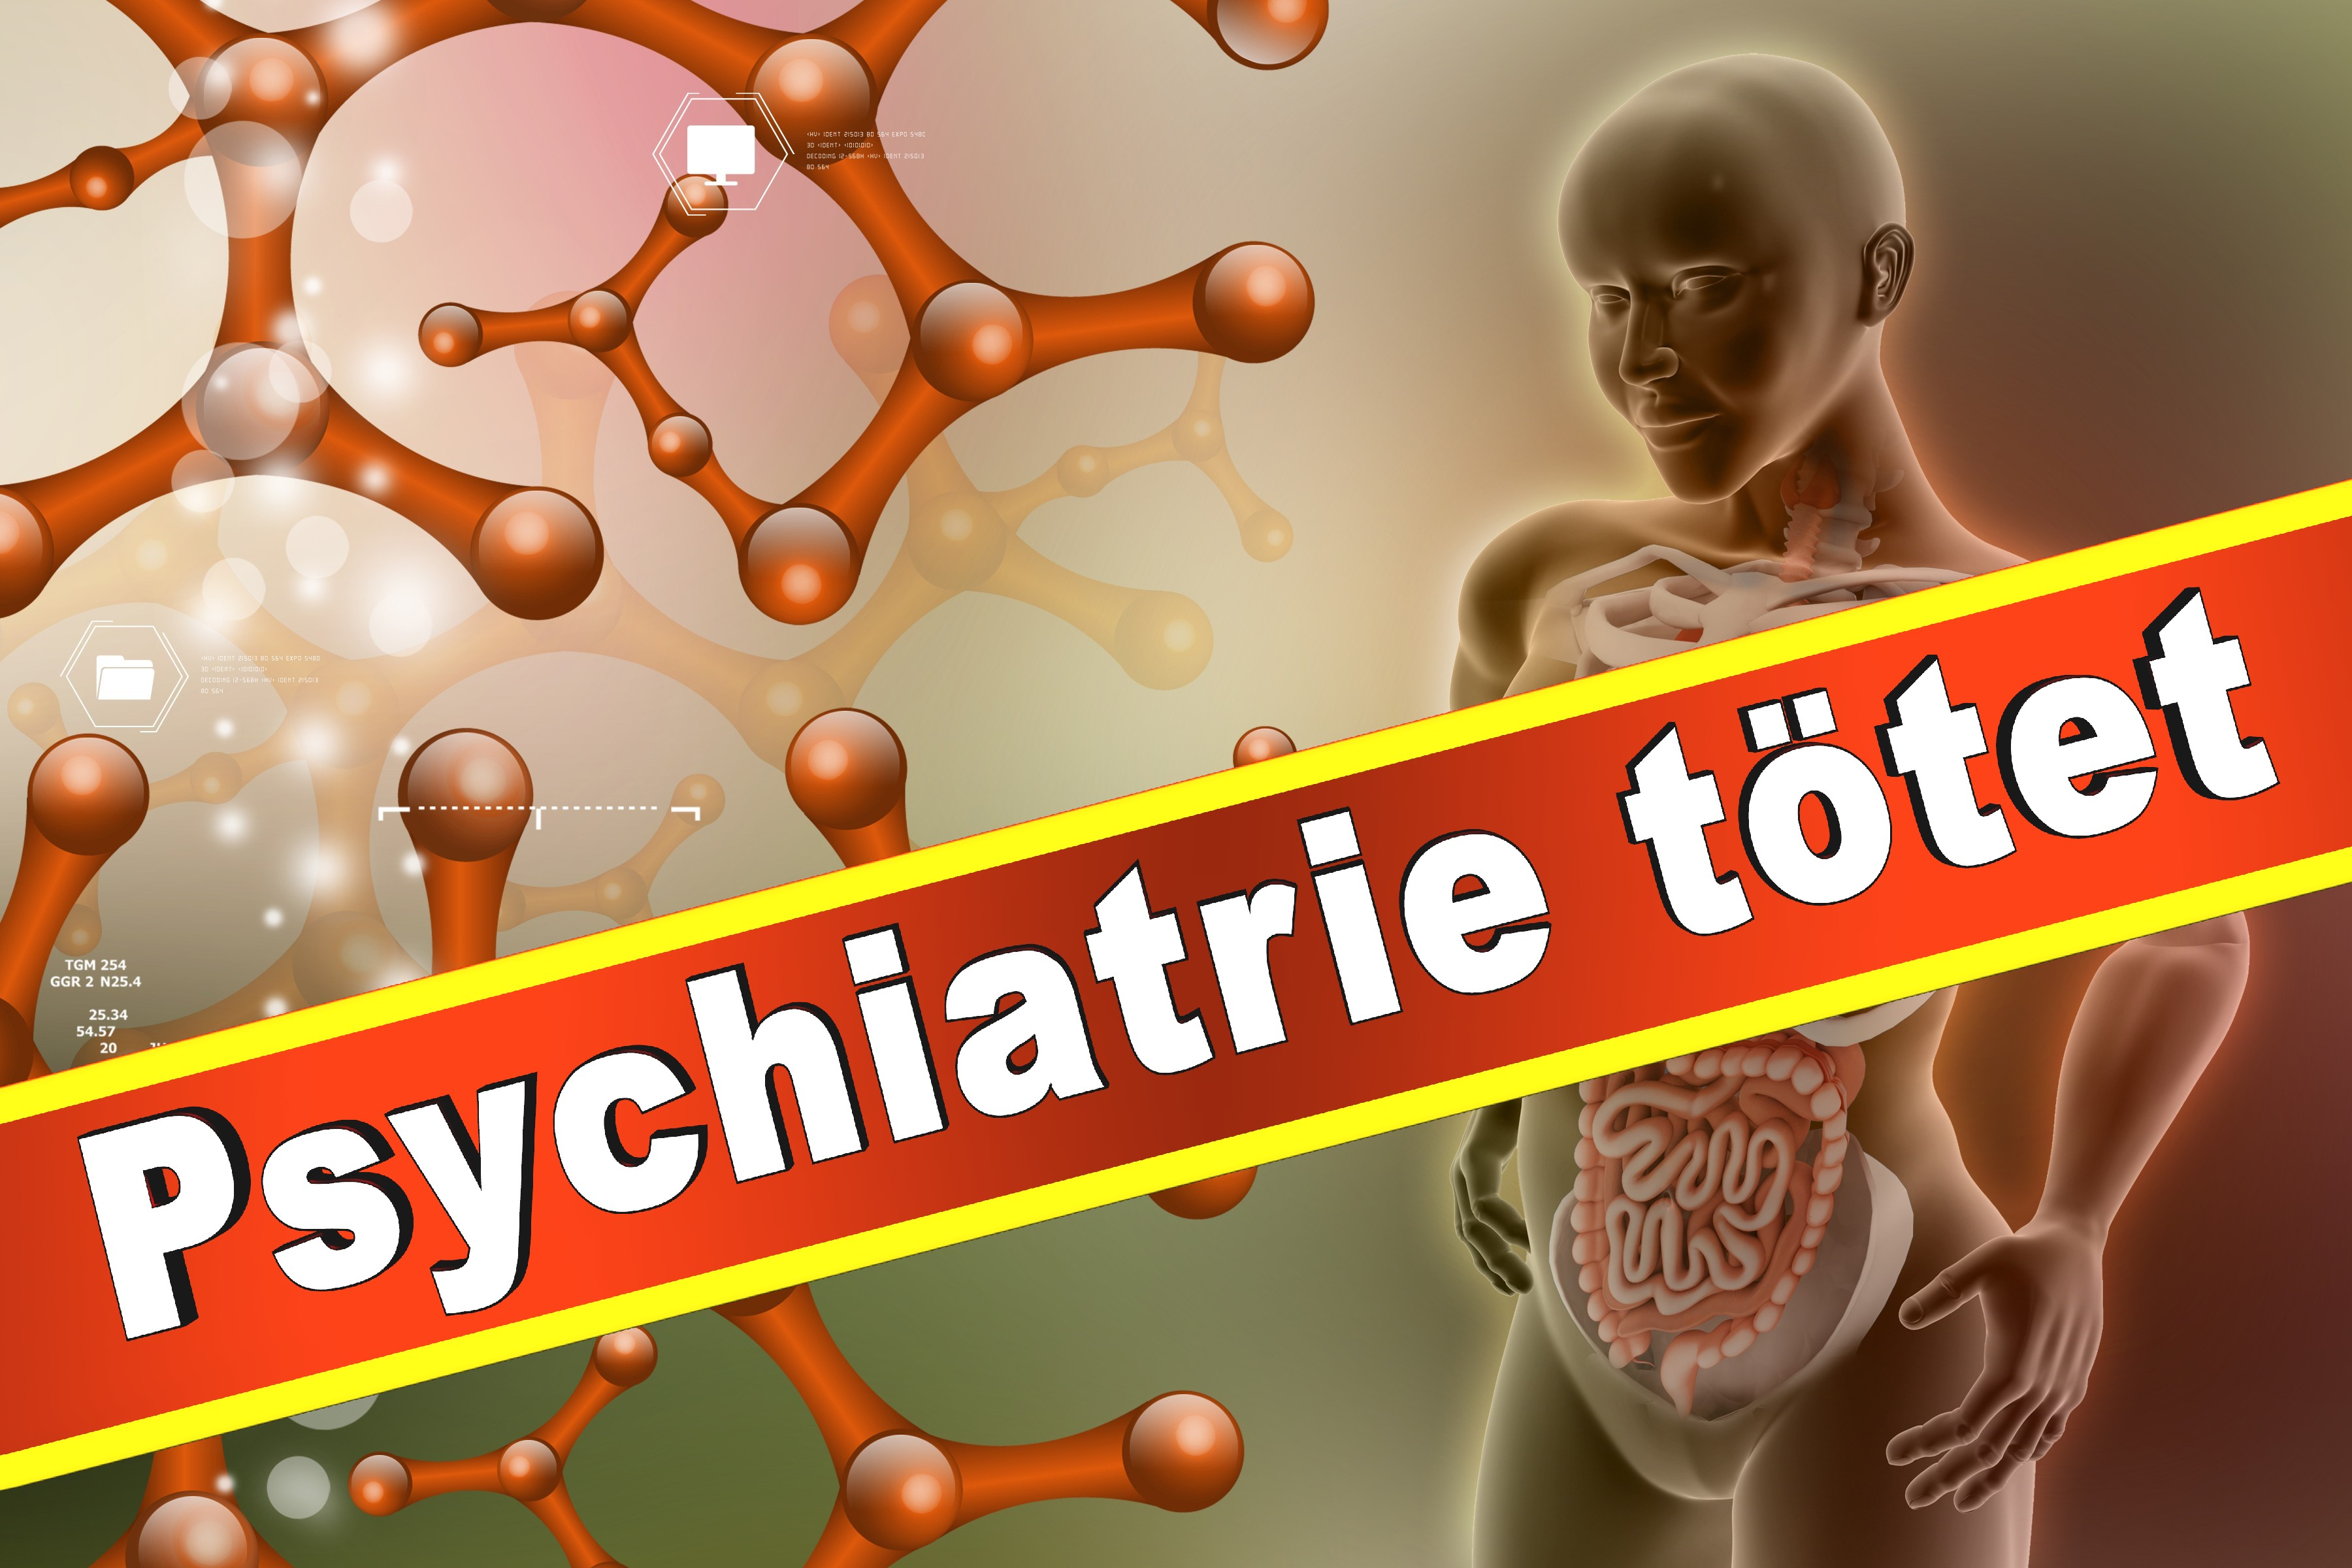 Carl Ernst Von Schönfeld Tagesklinik Psychiatrie Tod Bethel Psychiater Korruption Gift Zwangspsychiatrie Unterbringung (24)